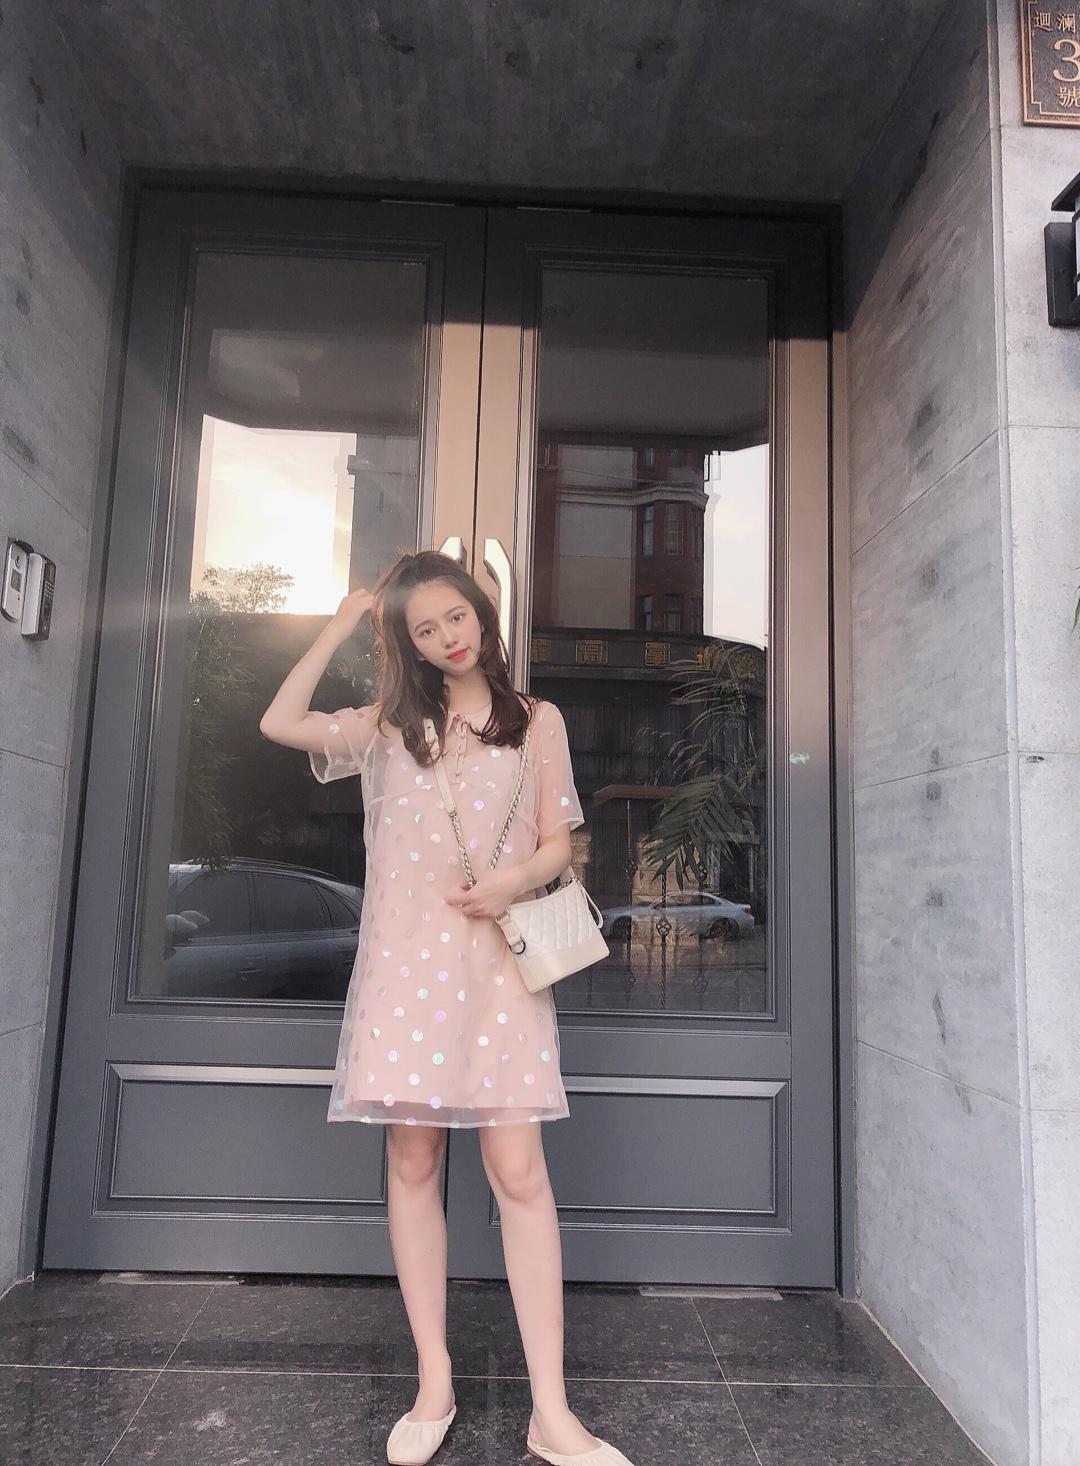 """#好看易学的温柔风穿搭模板!# 这个娃娃领的小裙子也太好看了吧 嫩嫩的橘粉色 像极了夏日恋爱的味道 轻薄纱的外搭面料搭配纯色粉嫩的内搭  给人一种朦胧的青春少女感 美妙的感觉  敲重点!这款的波点纱面料真的很好看!很jing致啊~  人鱼姬色系的波点色系 真的太好看的了  就会阳光下会blingbling的 那种感觉  无法拒绝的""""人间仙女""""bling裙系列"""